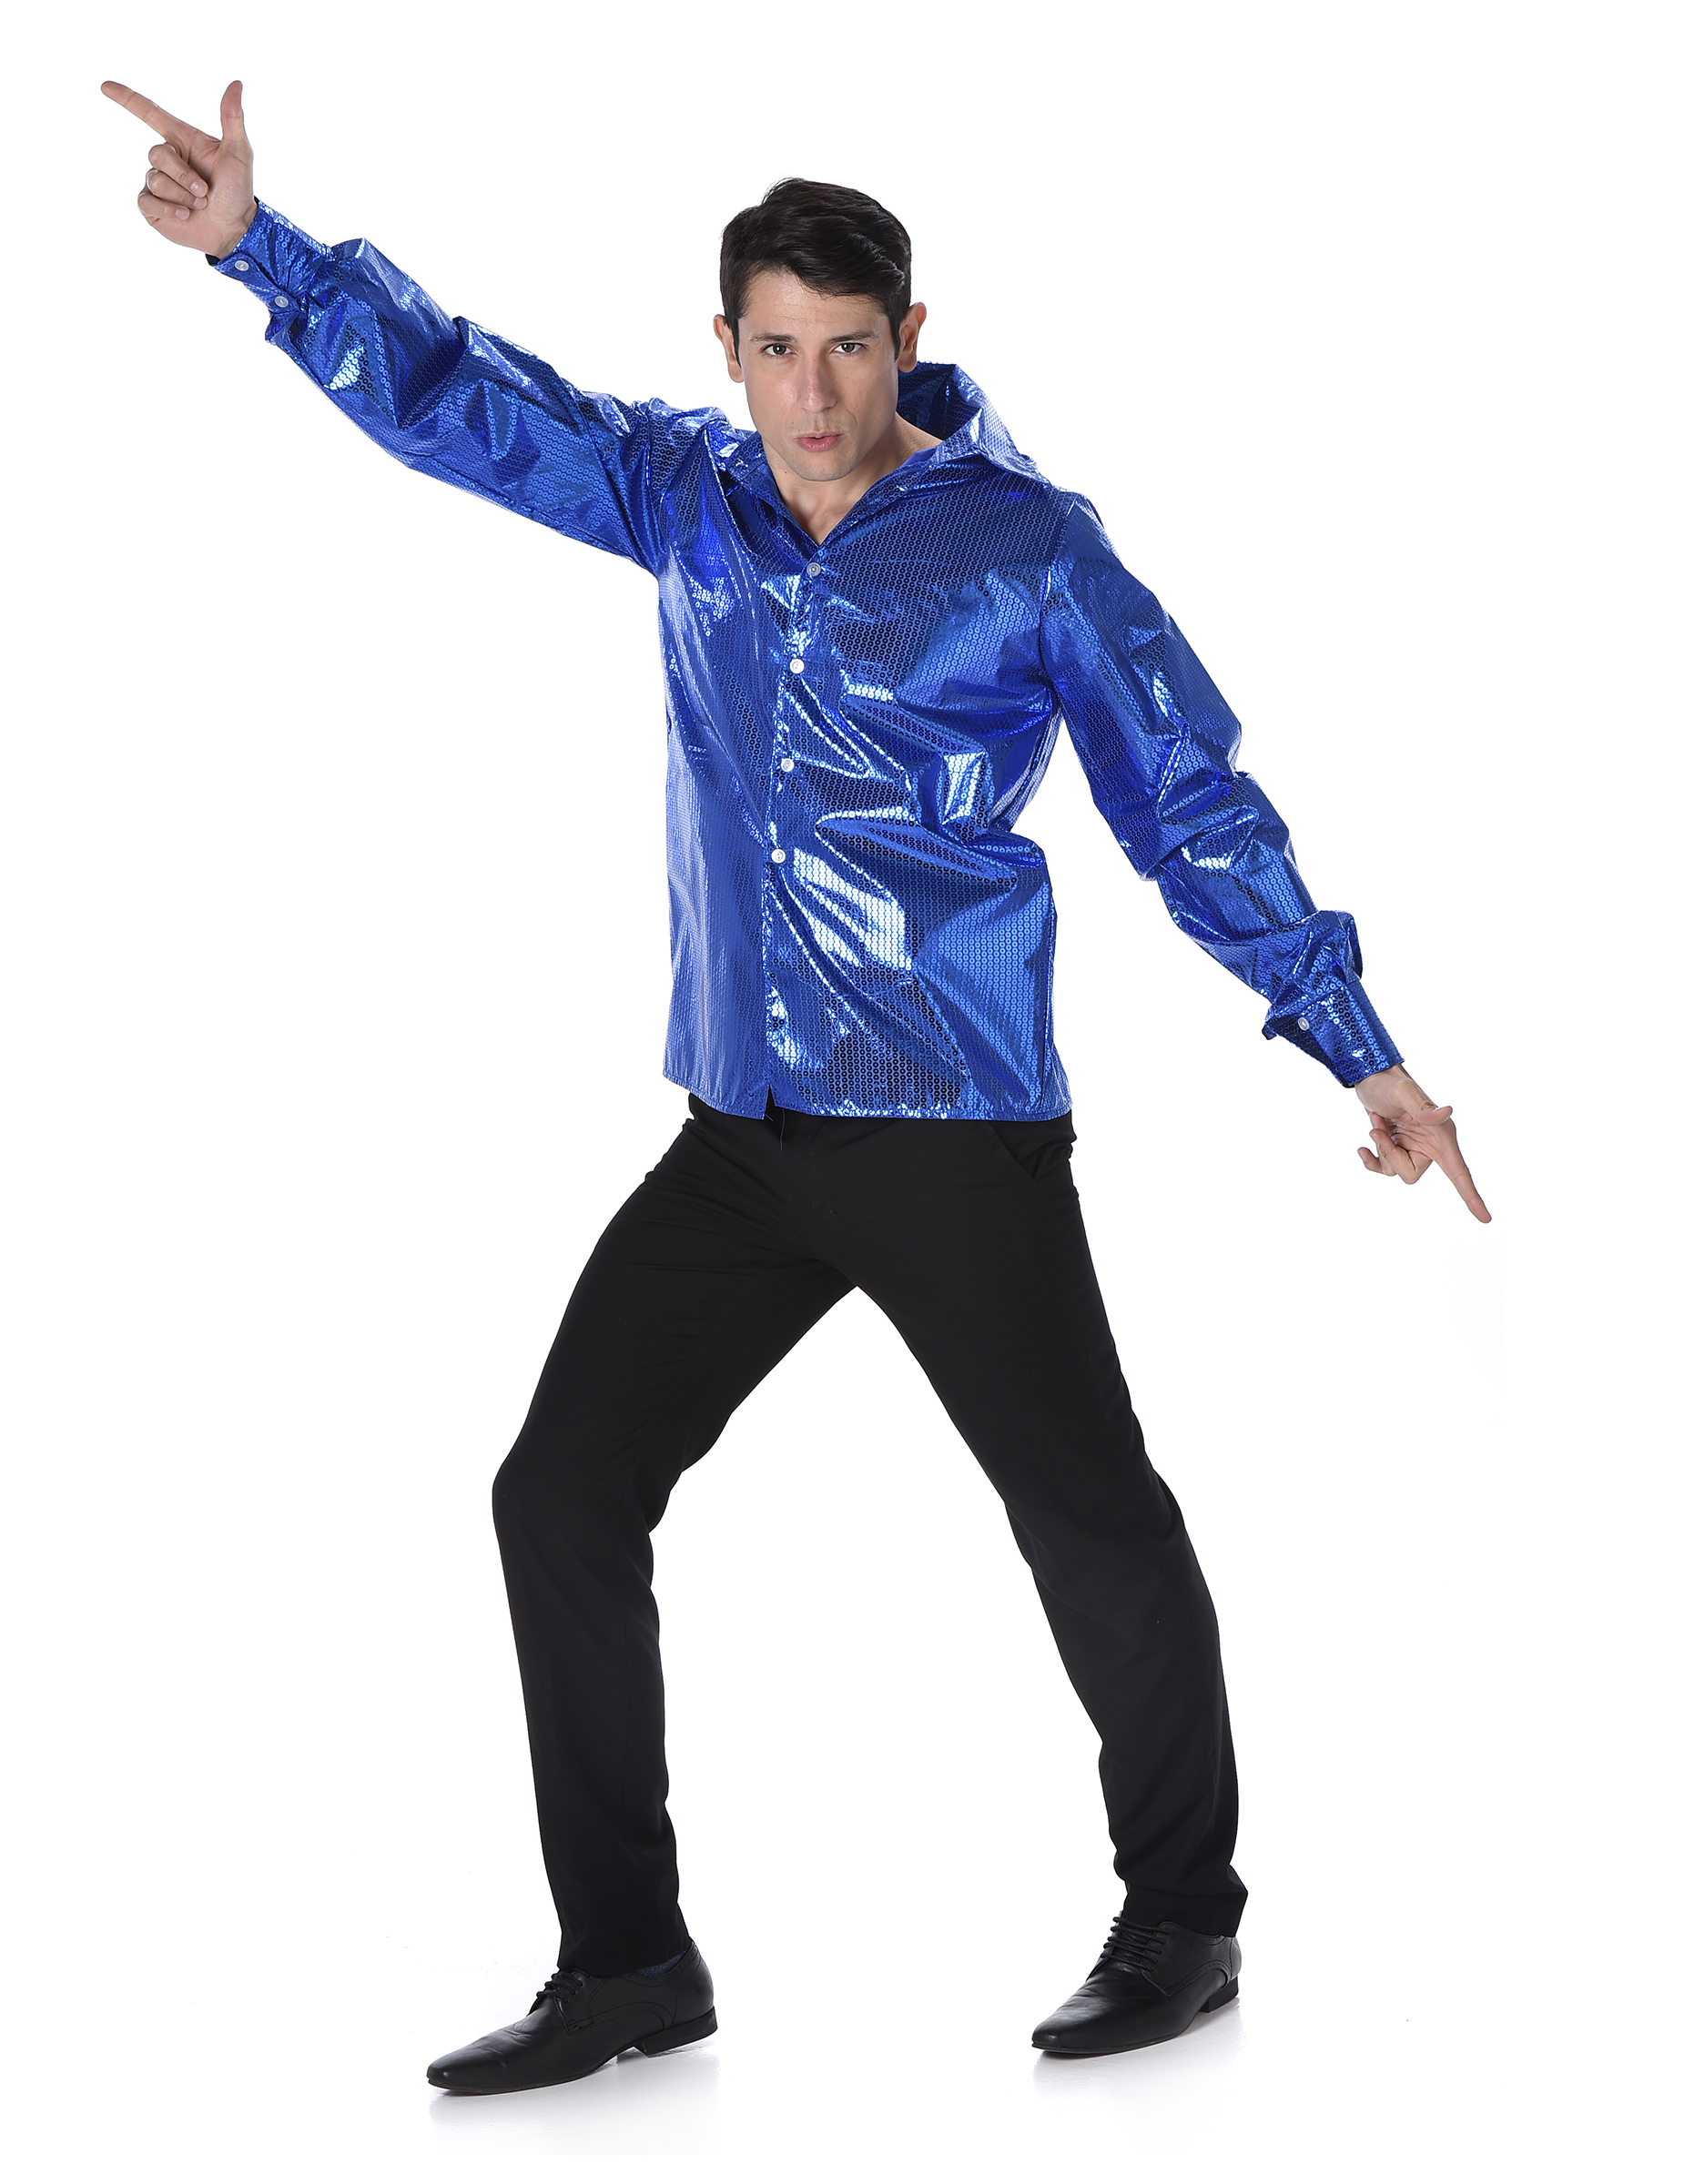 chemise disco sequins bleus homme deguise toi achat de d guisements adultes. Black Bedroom Furniture Sets. Home Design Ideas